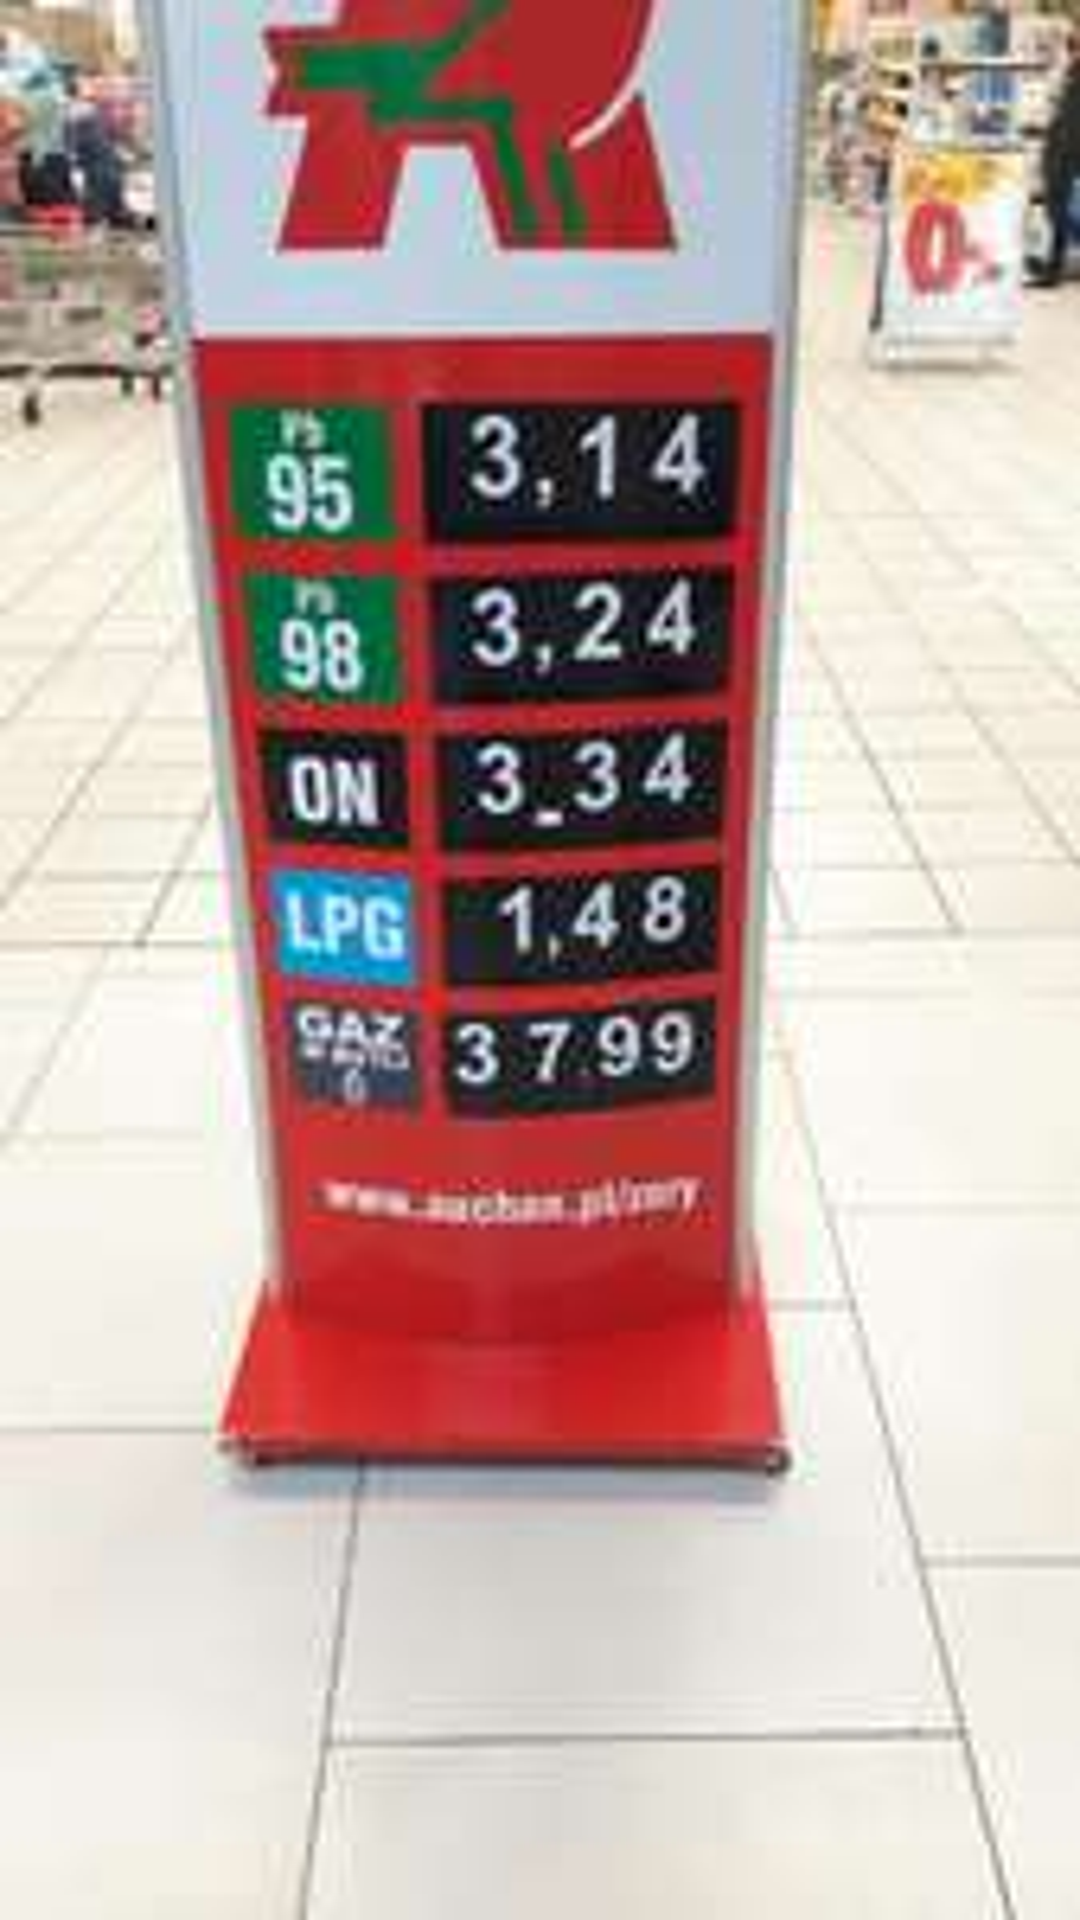 Paliwo PB95 Auchan Żory